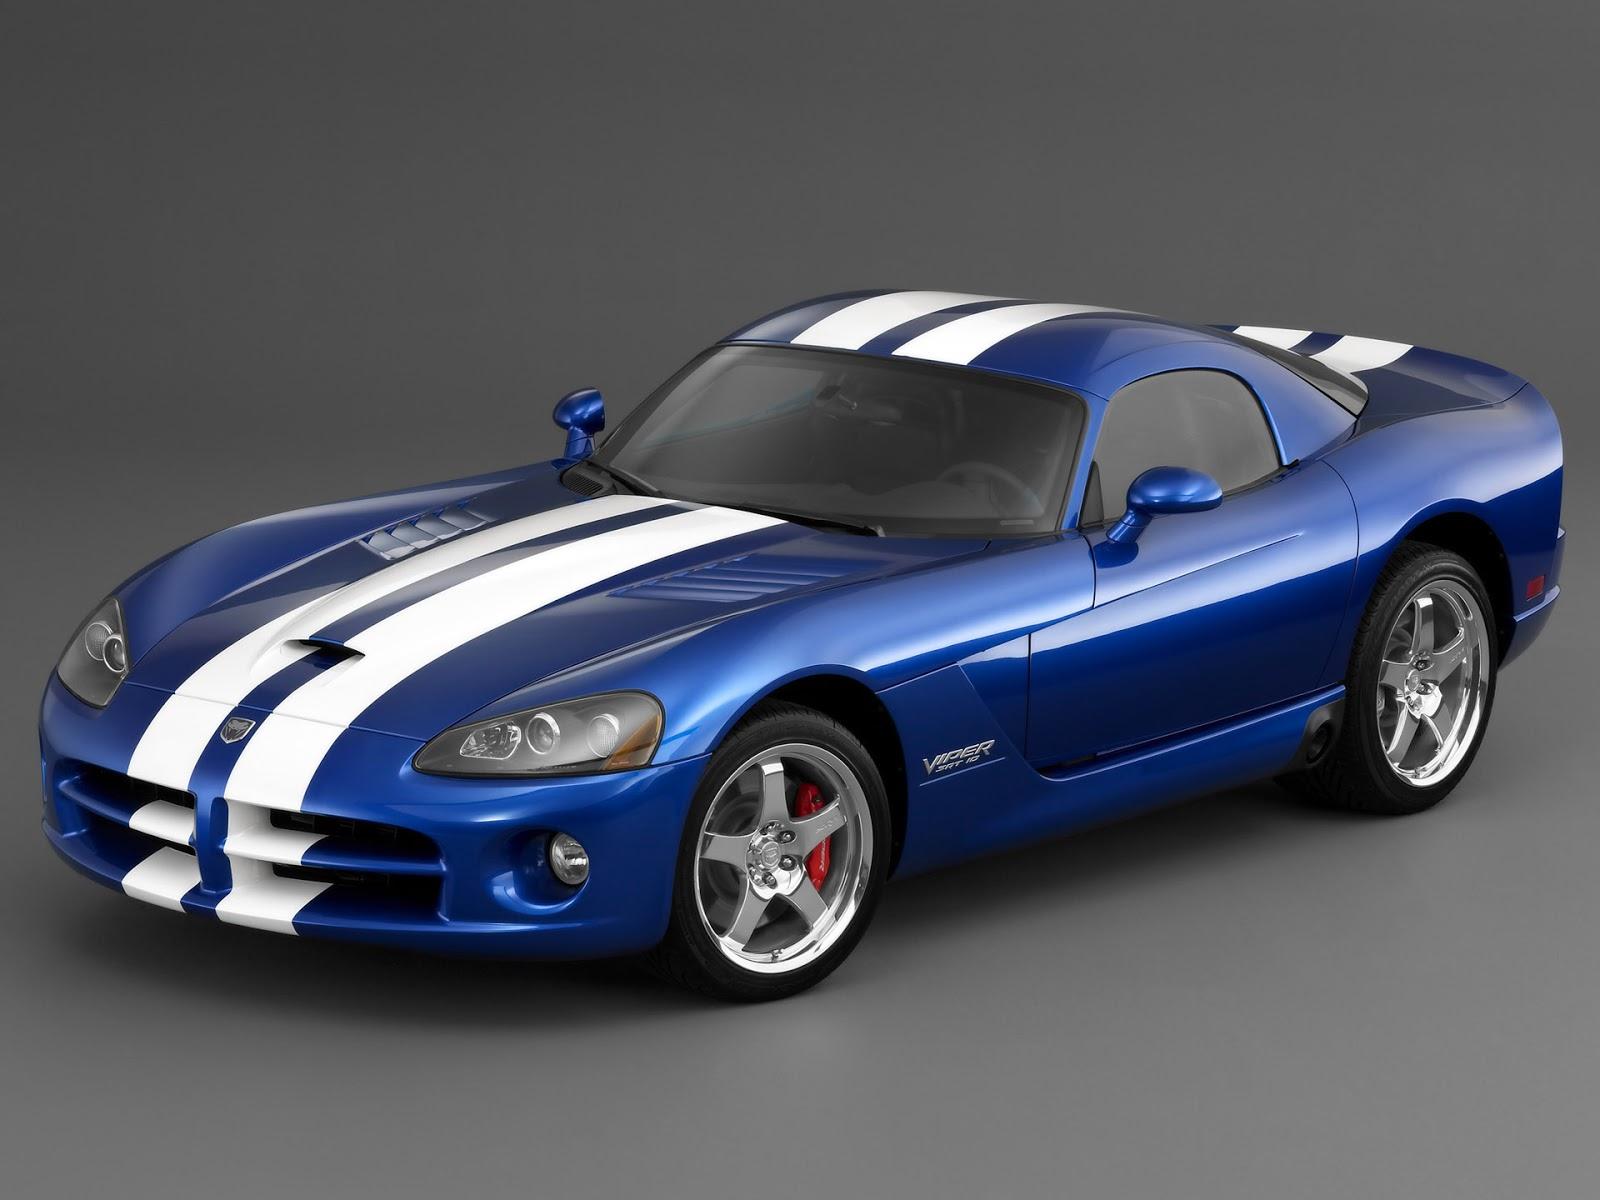 Super Carros Esportivos Fotos E Video Wallpapers Screensavers